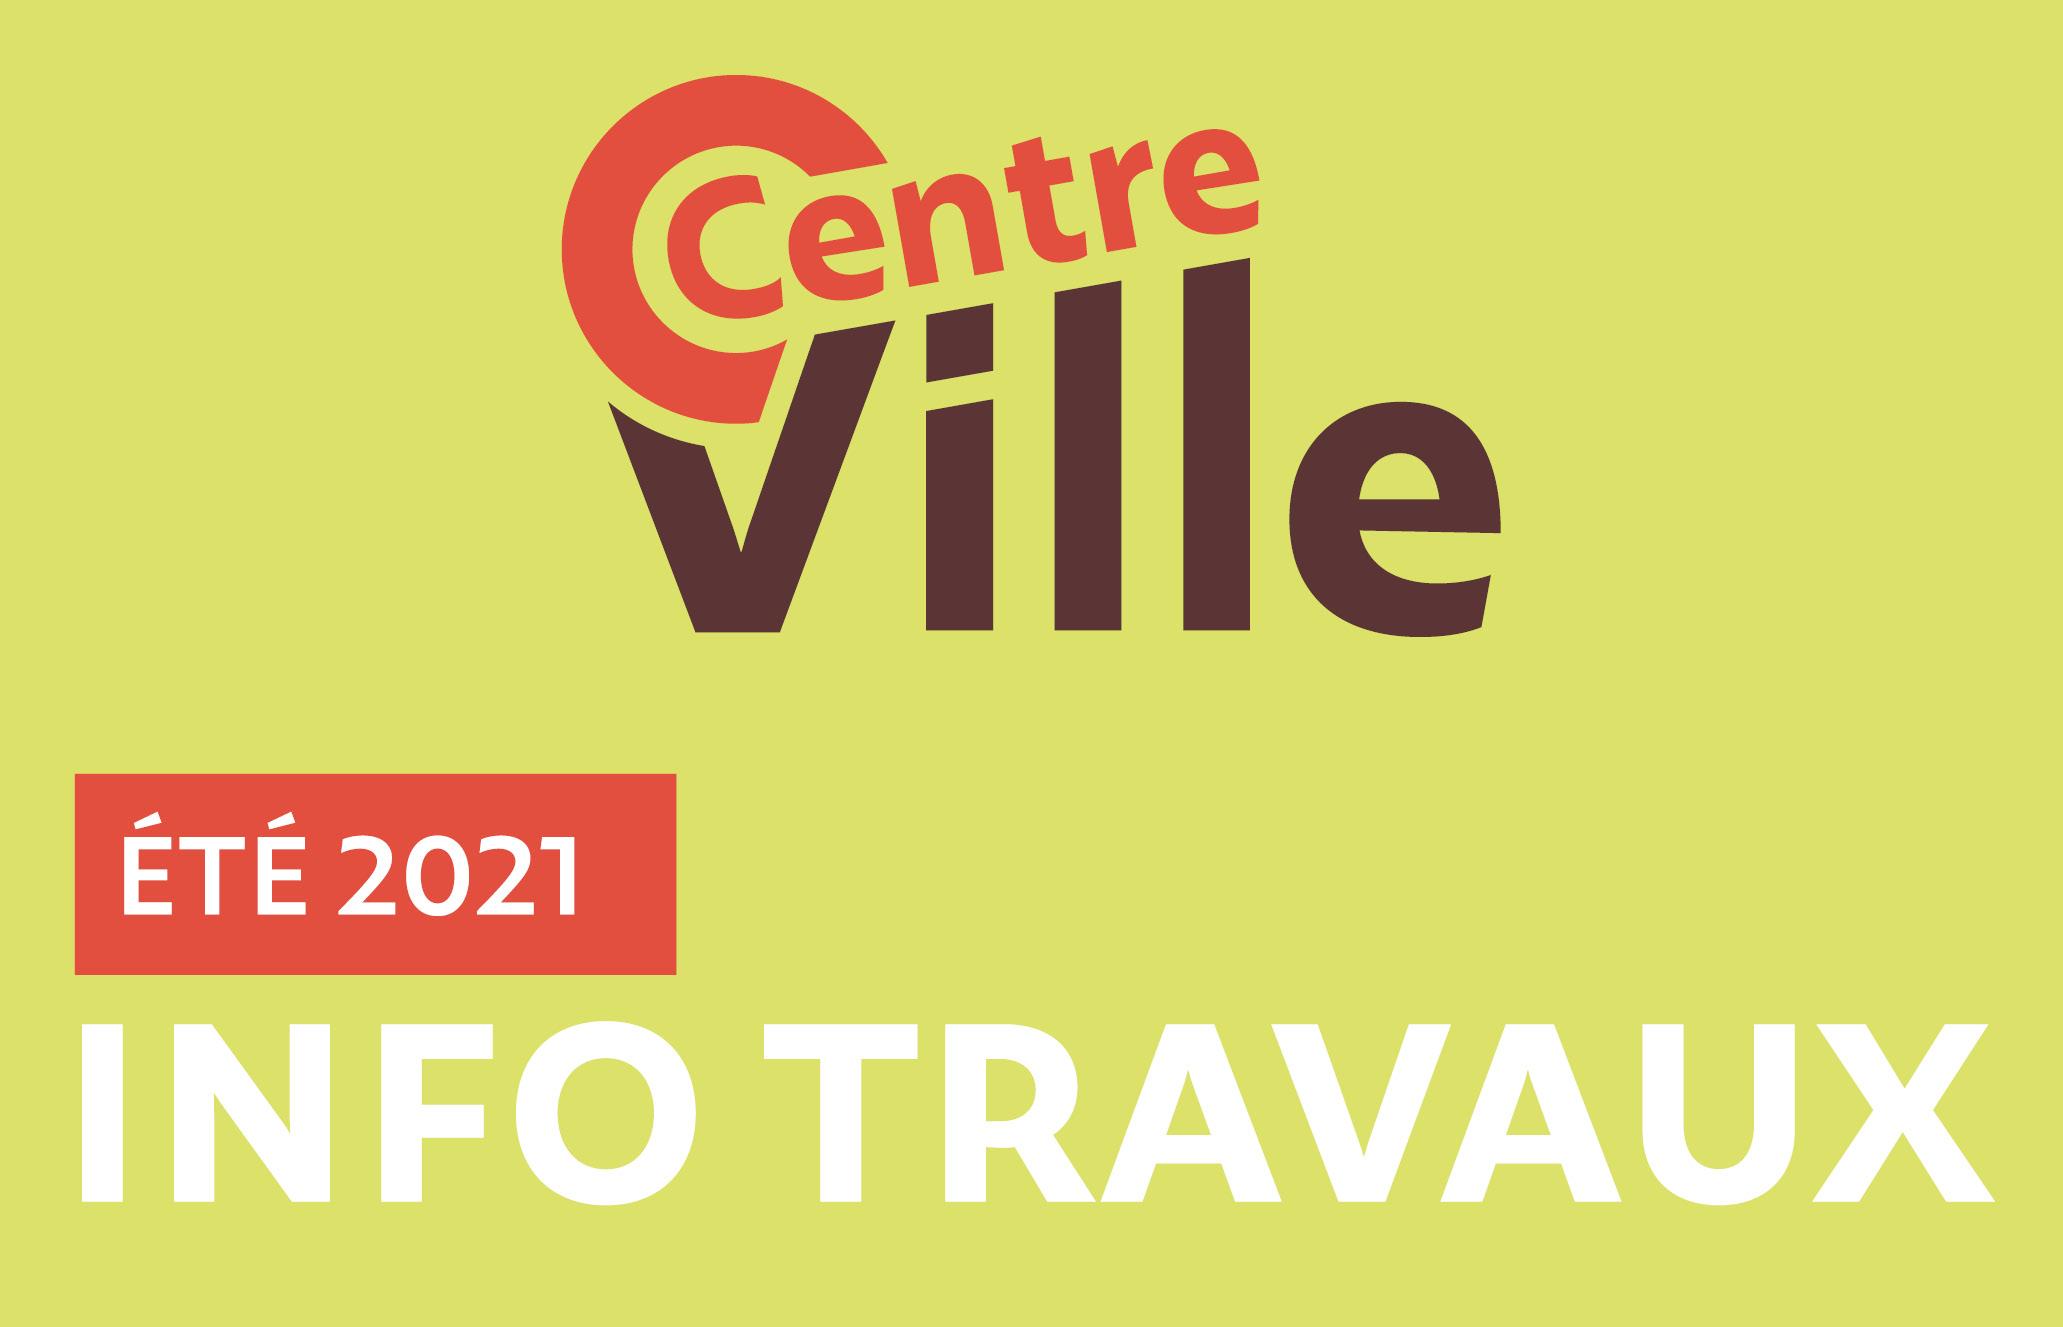 Travaux de l'été 2021 centre-ville de Villefontaine